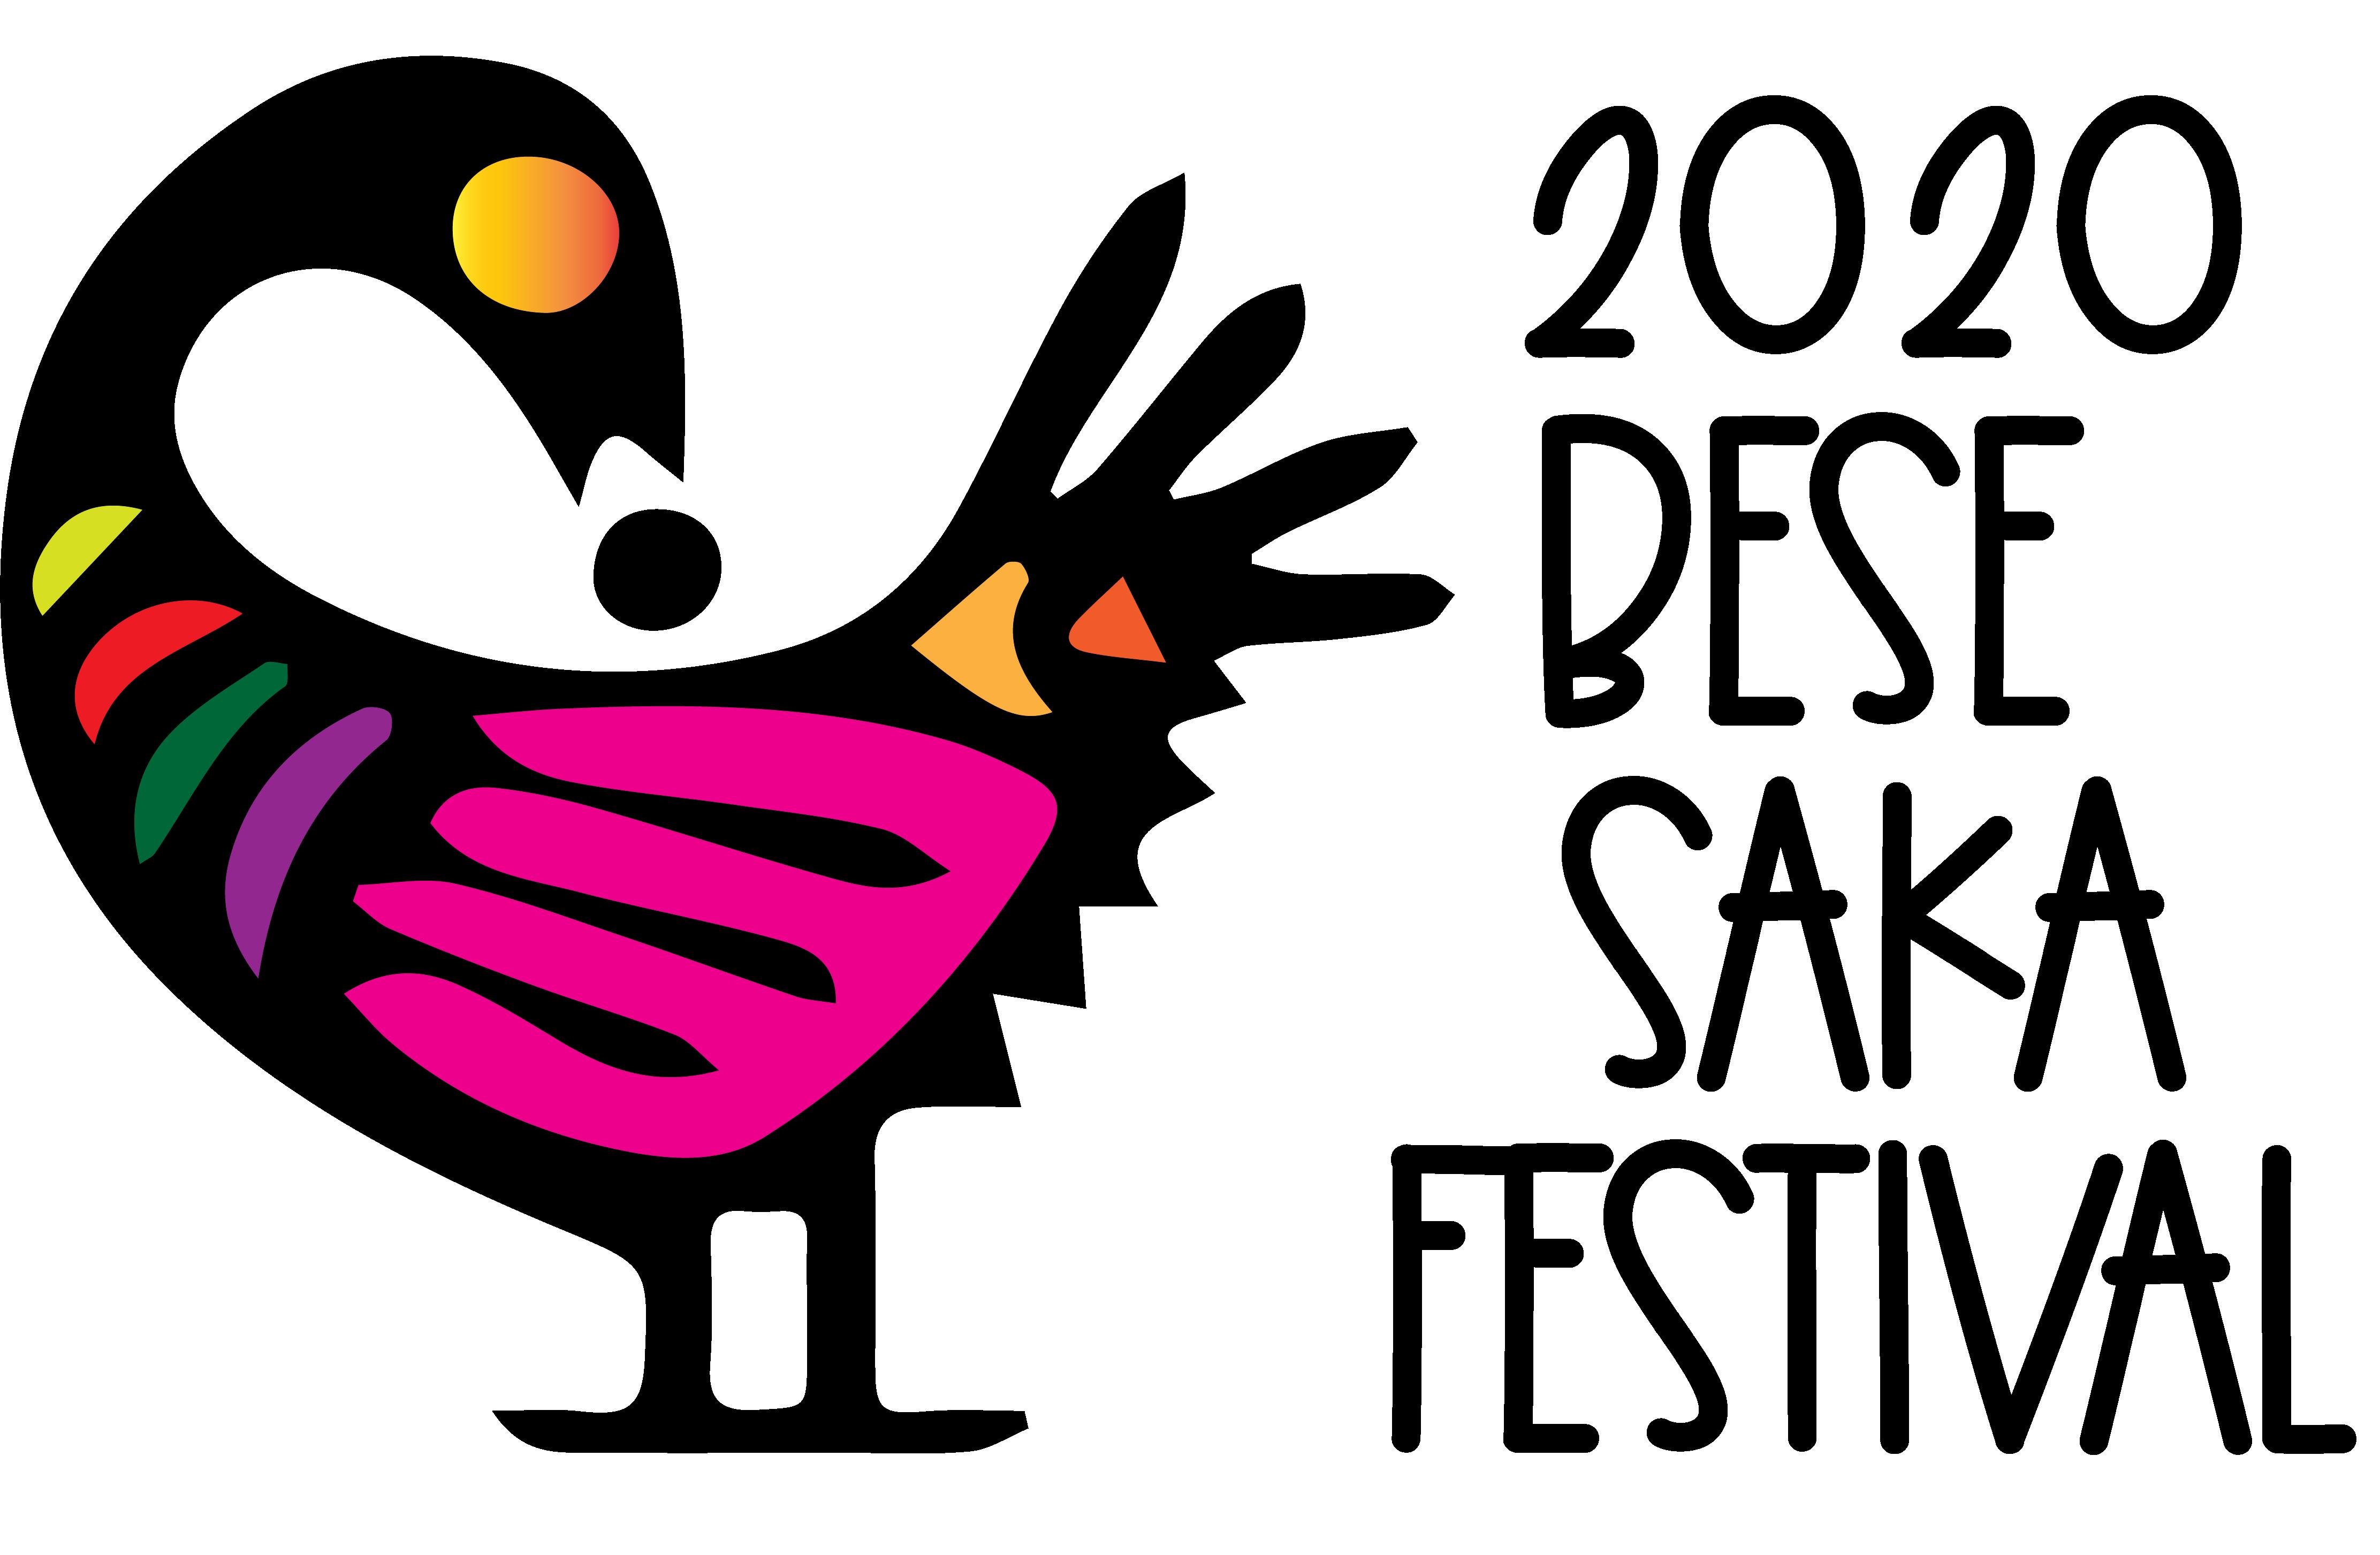 2020-bese-saka-festival-logo